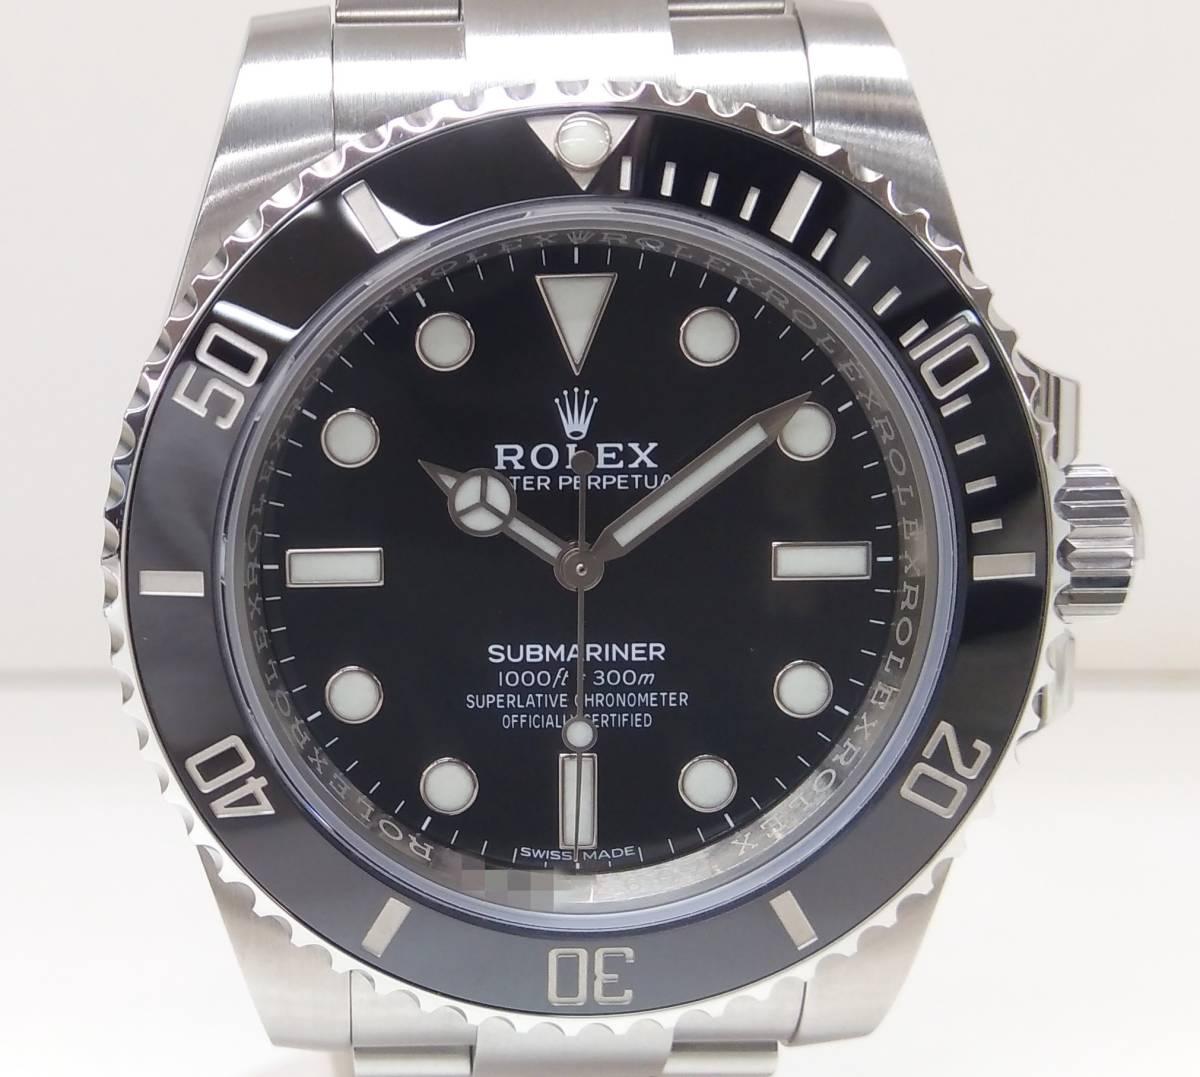 【未使用品】 ROLEX ロレックス SUBMARINER サブマリーナ 114060 ランダム メンズ 腕時計 ノンデイト 黒文字盤 【2019年9月購入】